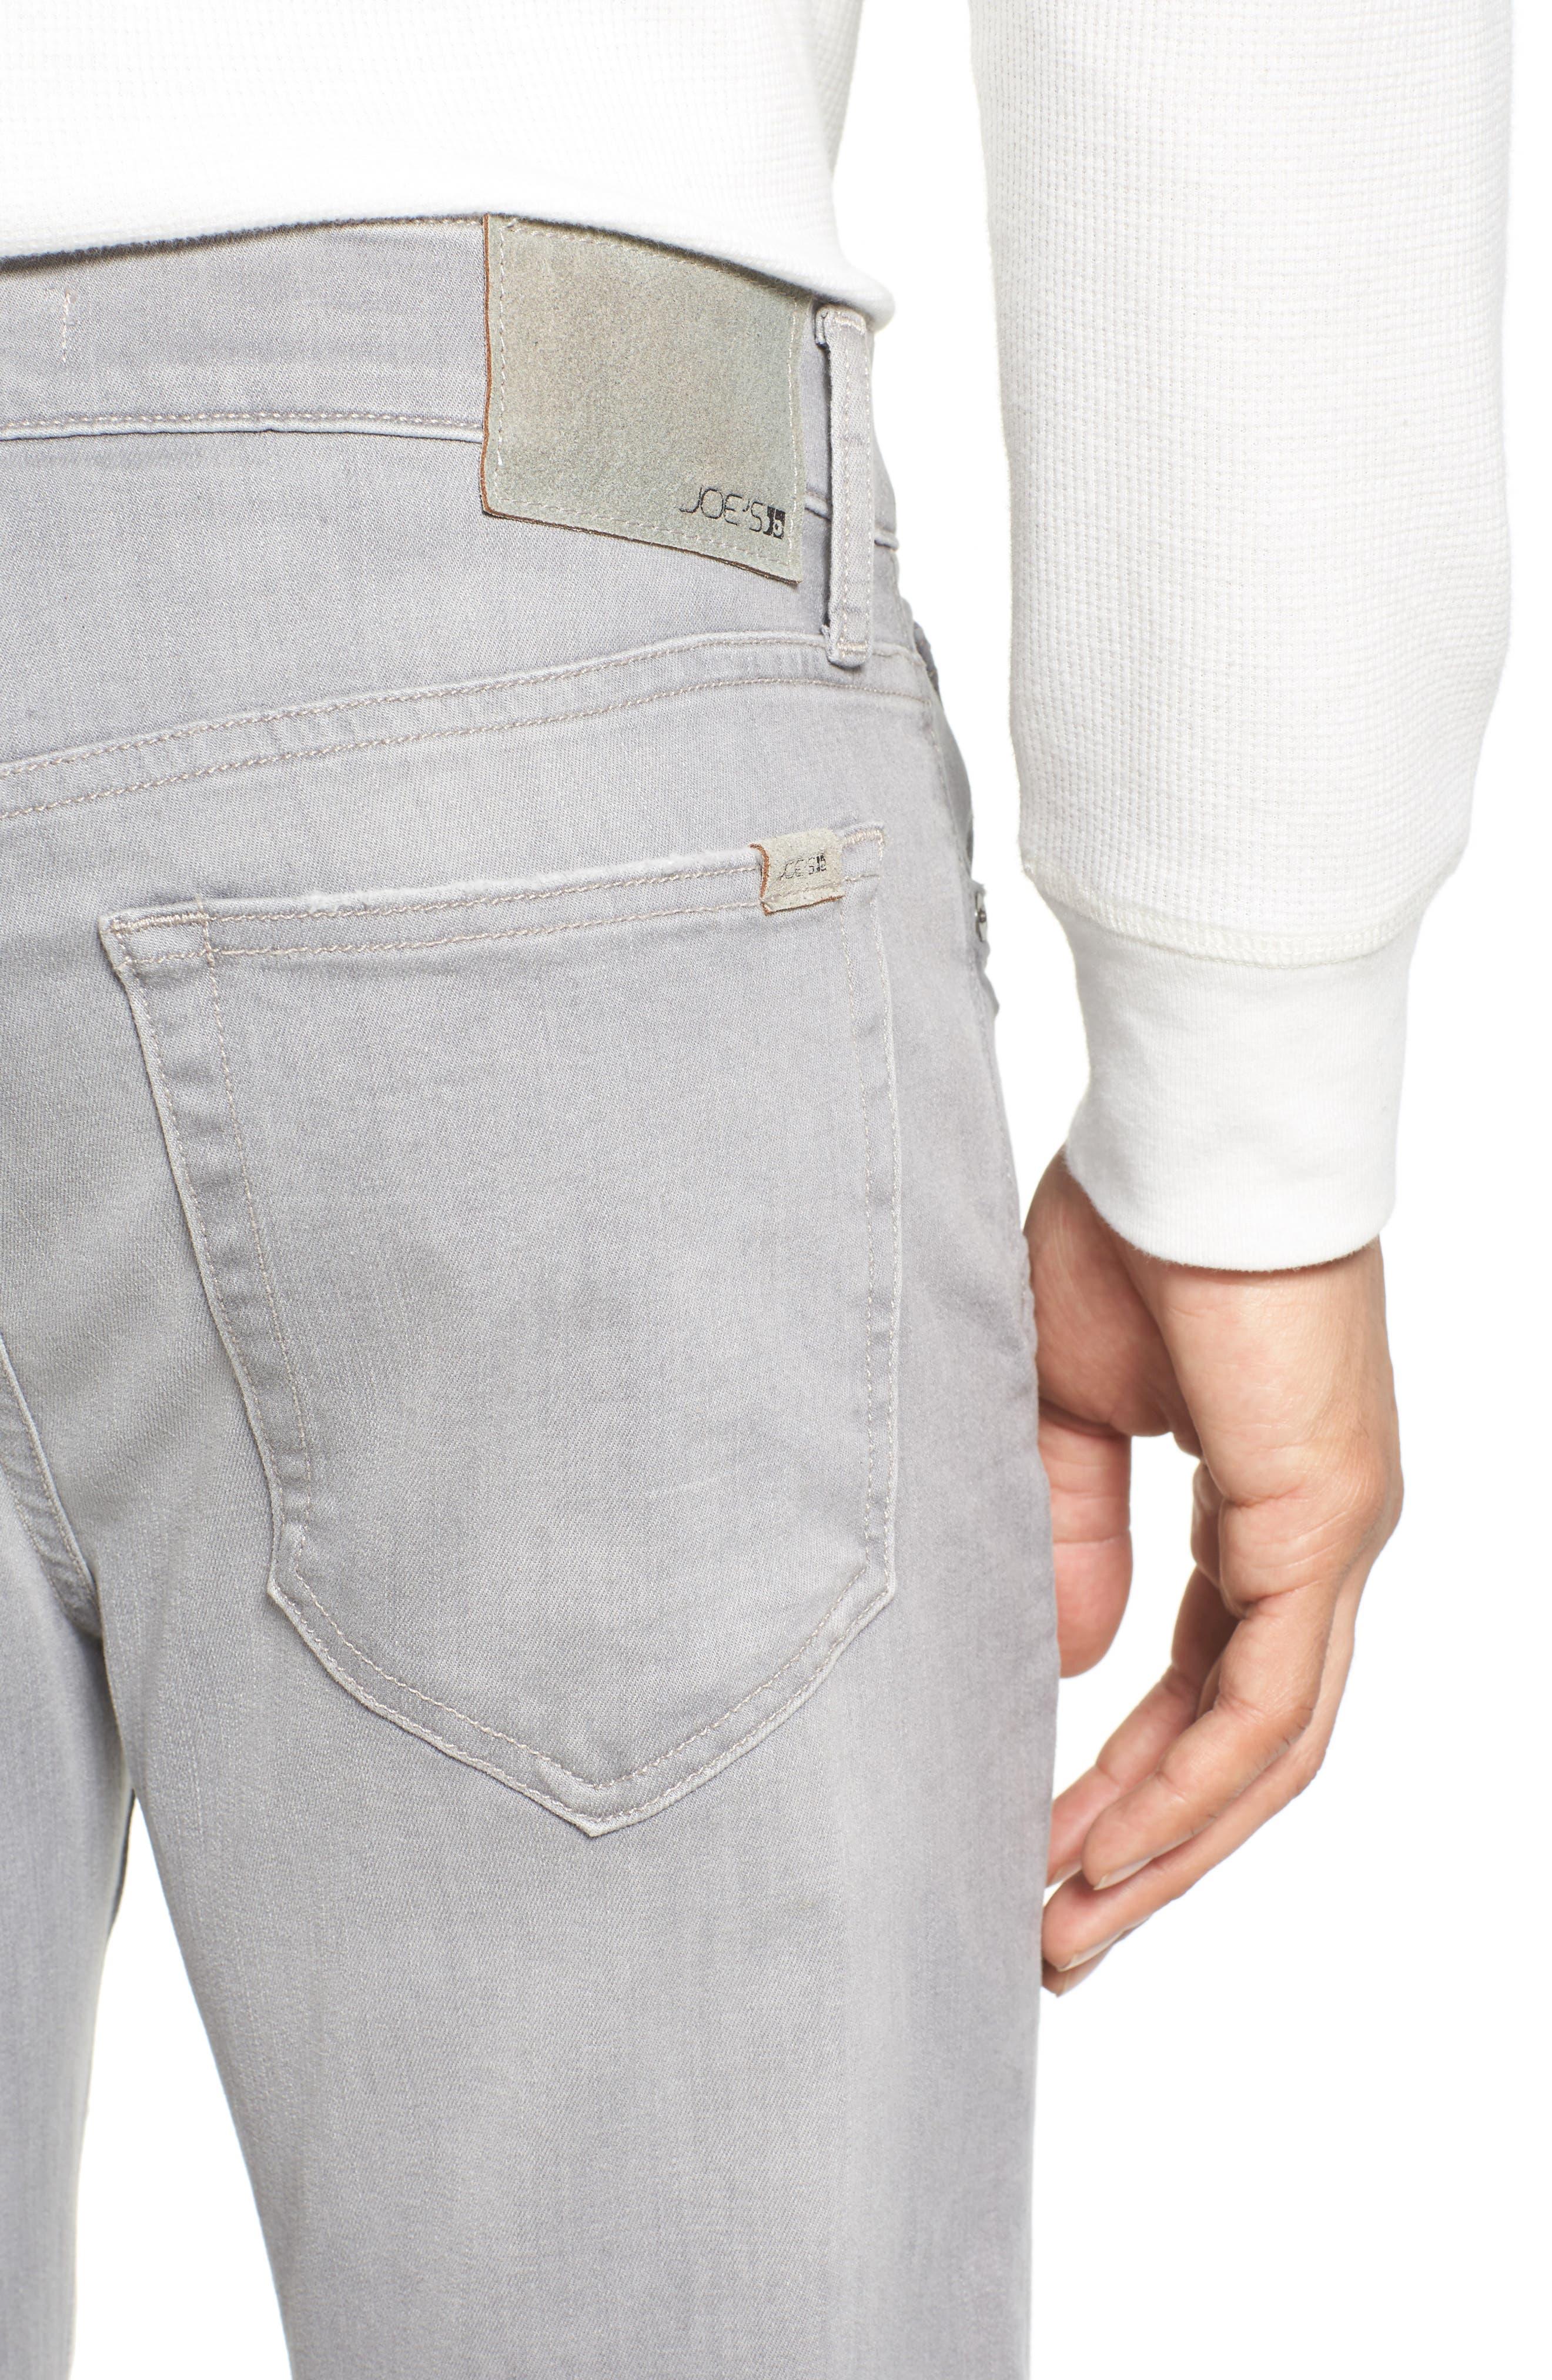 Slim Fit Jeans,                             Alternate thumbnail 4, color,                             050